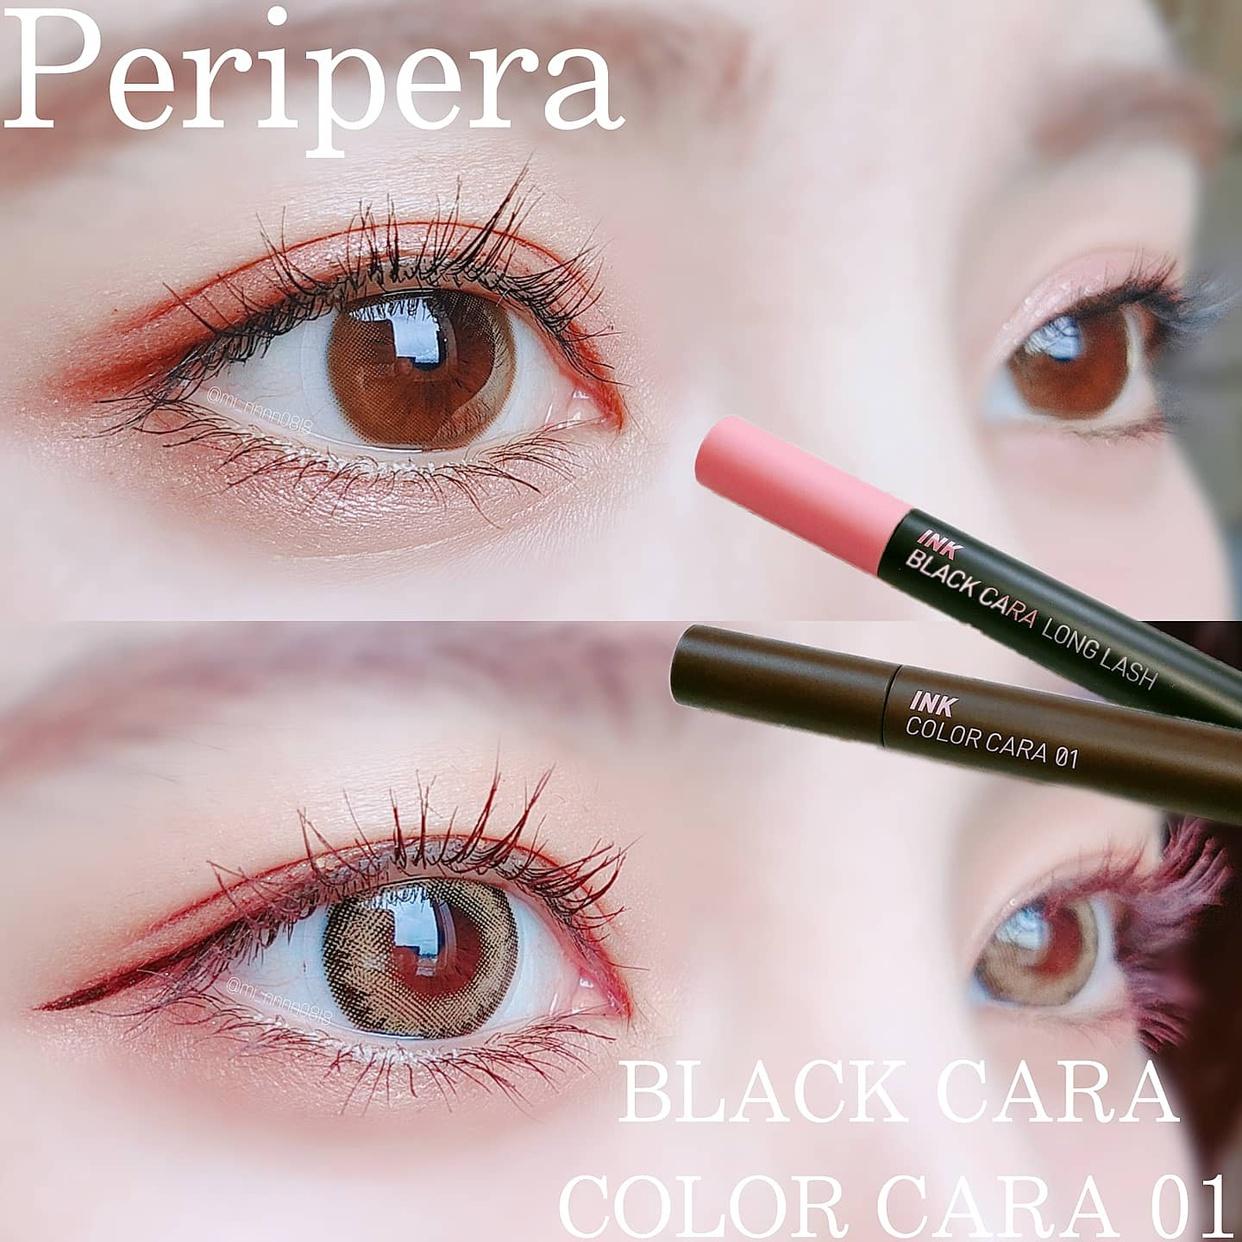 peripera(ペリペラ) インク ブラック カラを使ったmiiさんのクチコミ画像1